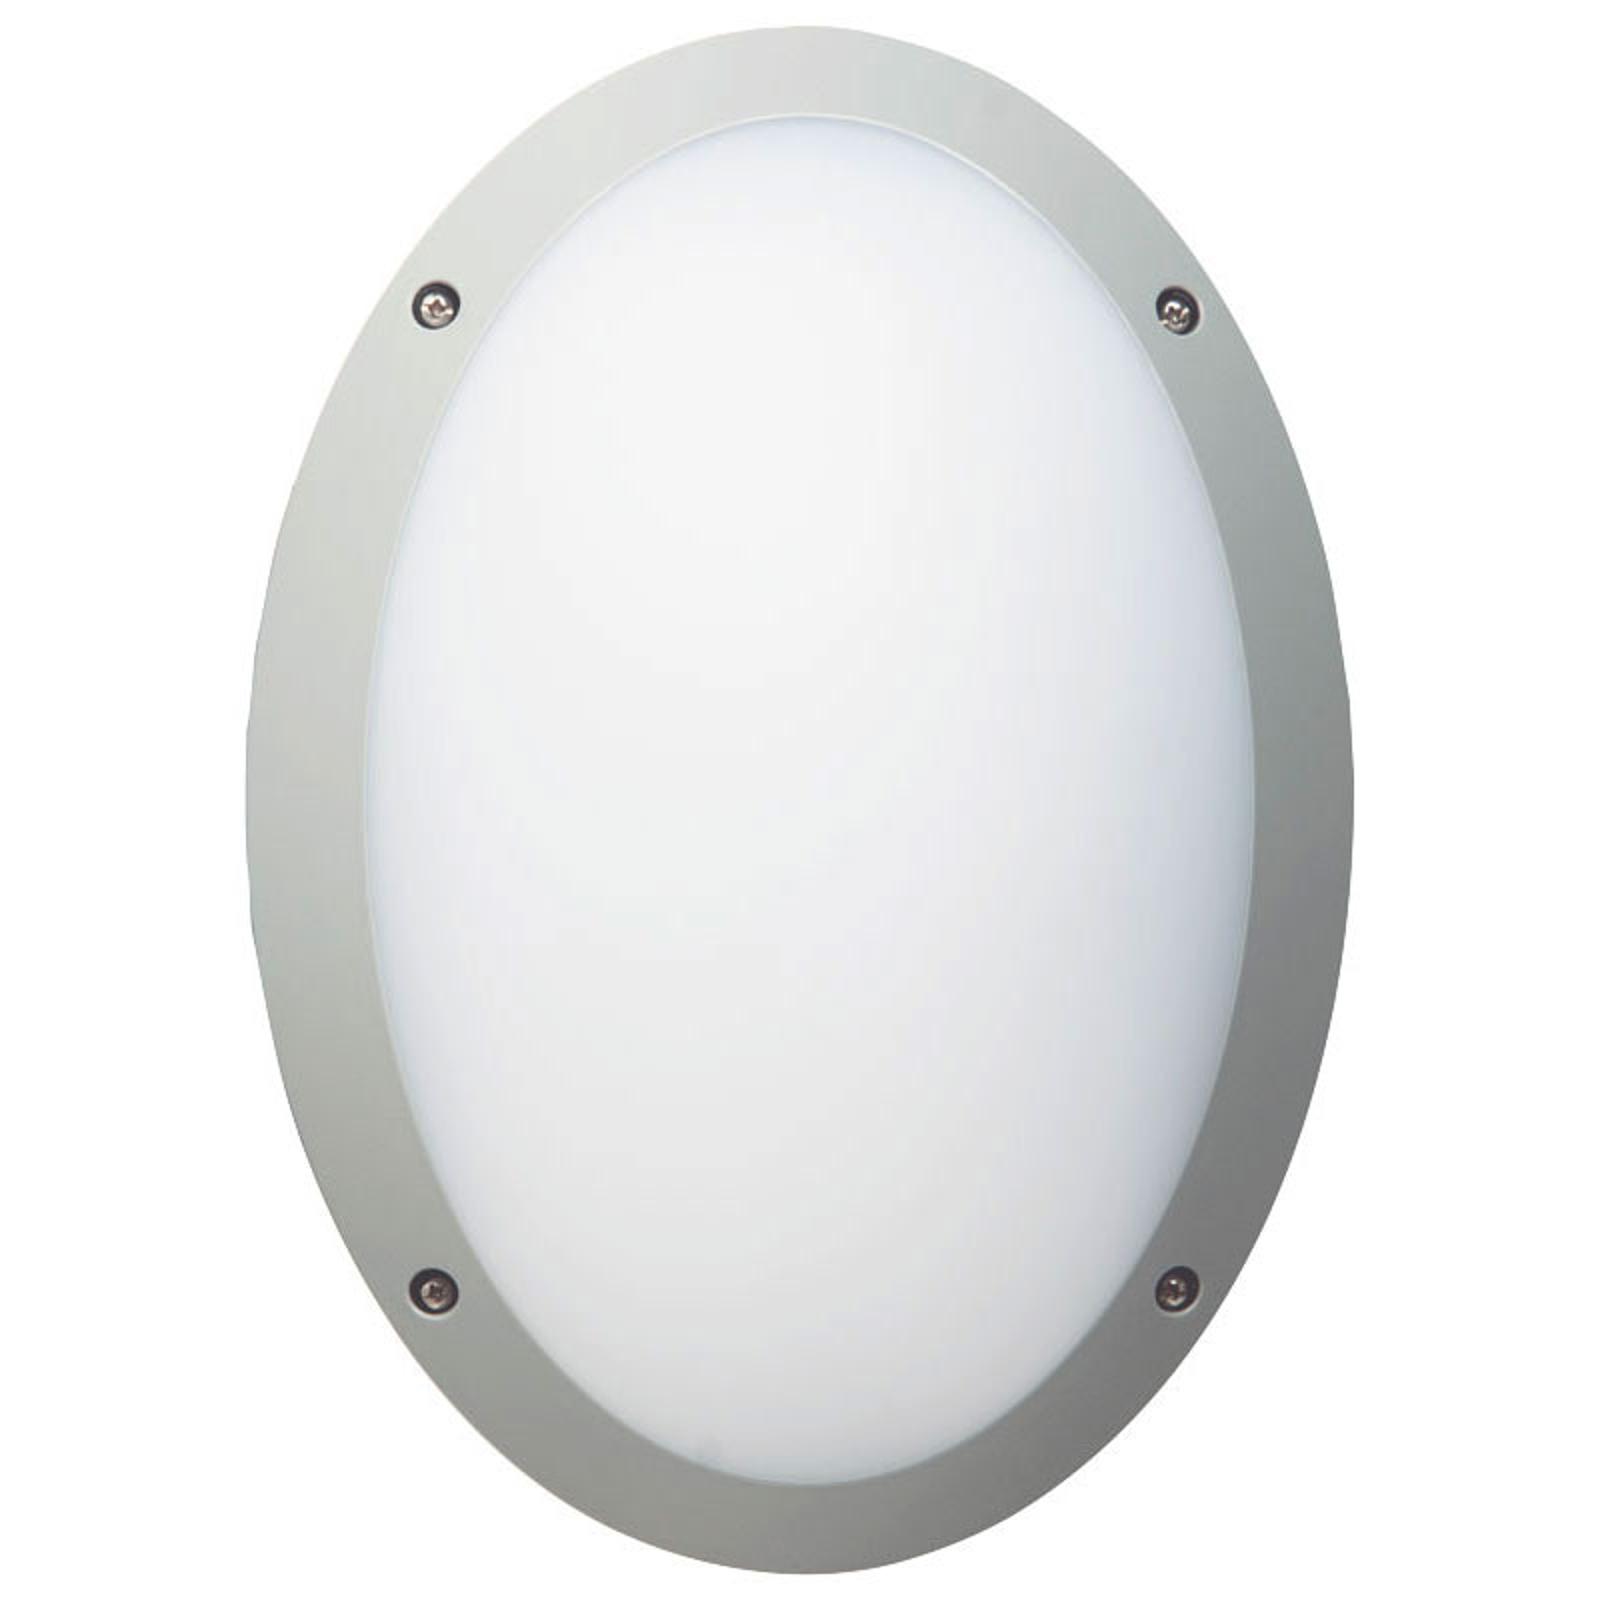 LED-Deckenleuchte Fonda in ovaler Form mit IP66